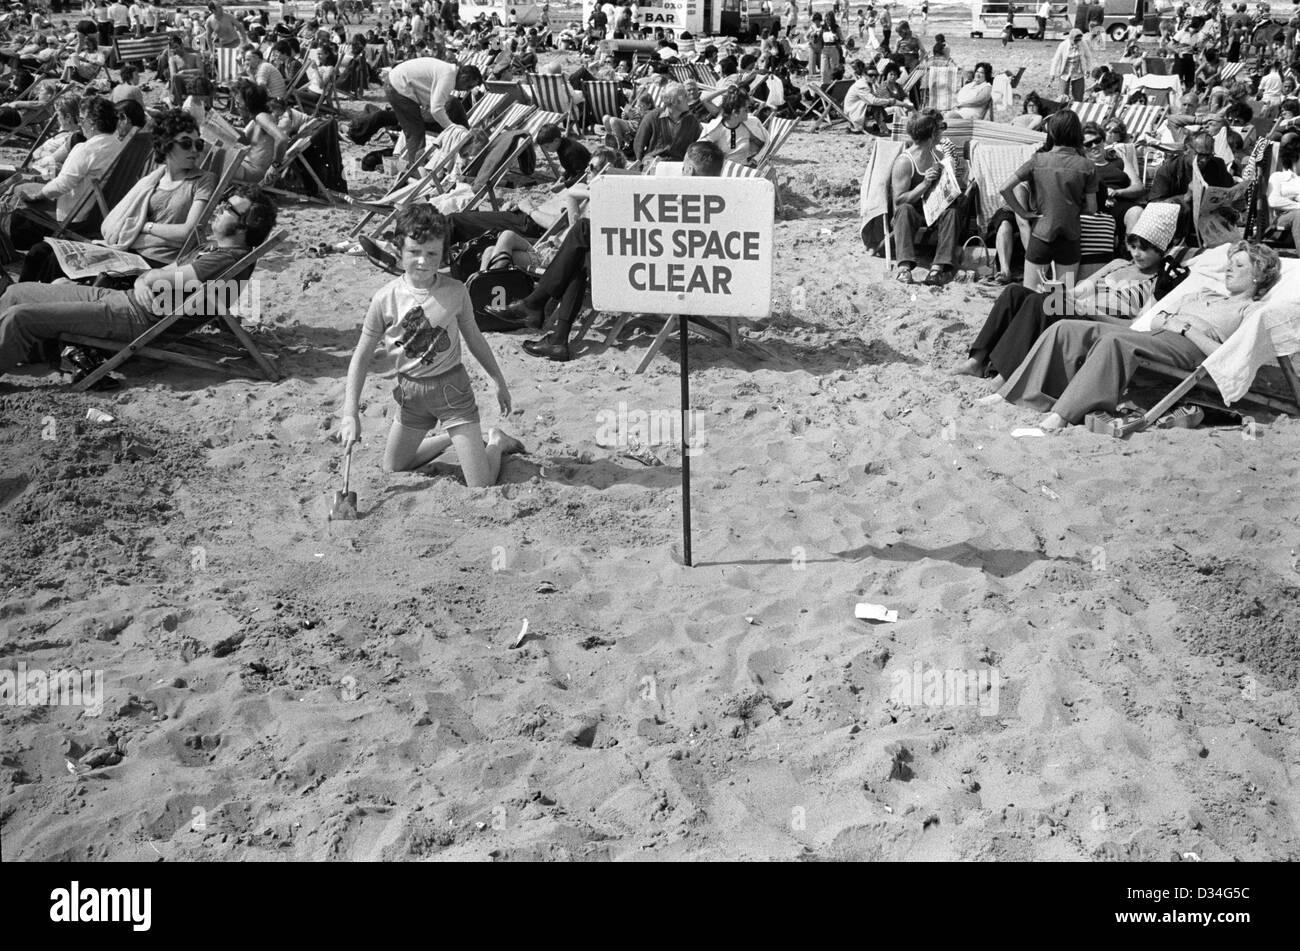 Playa de Blackpool Lancashire 1970 mantener este espacio claro, esto era por seguridad y niños perdidos podría Imagen De Stock